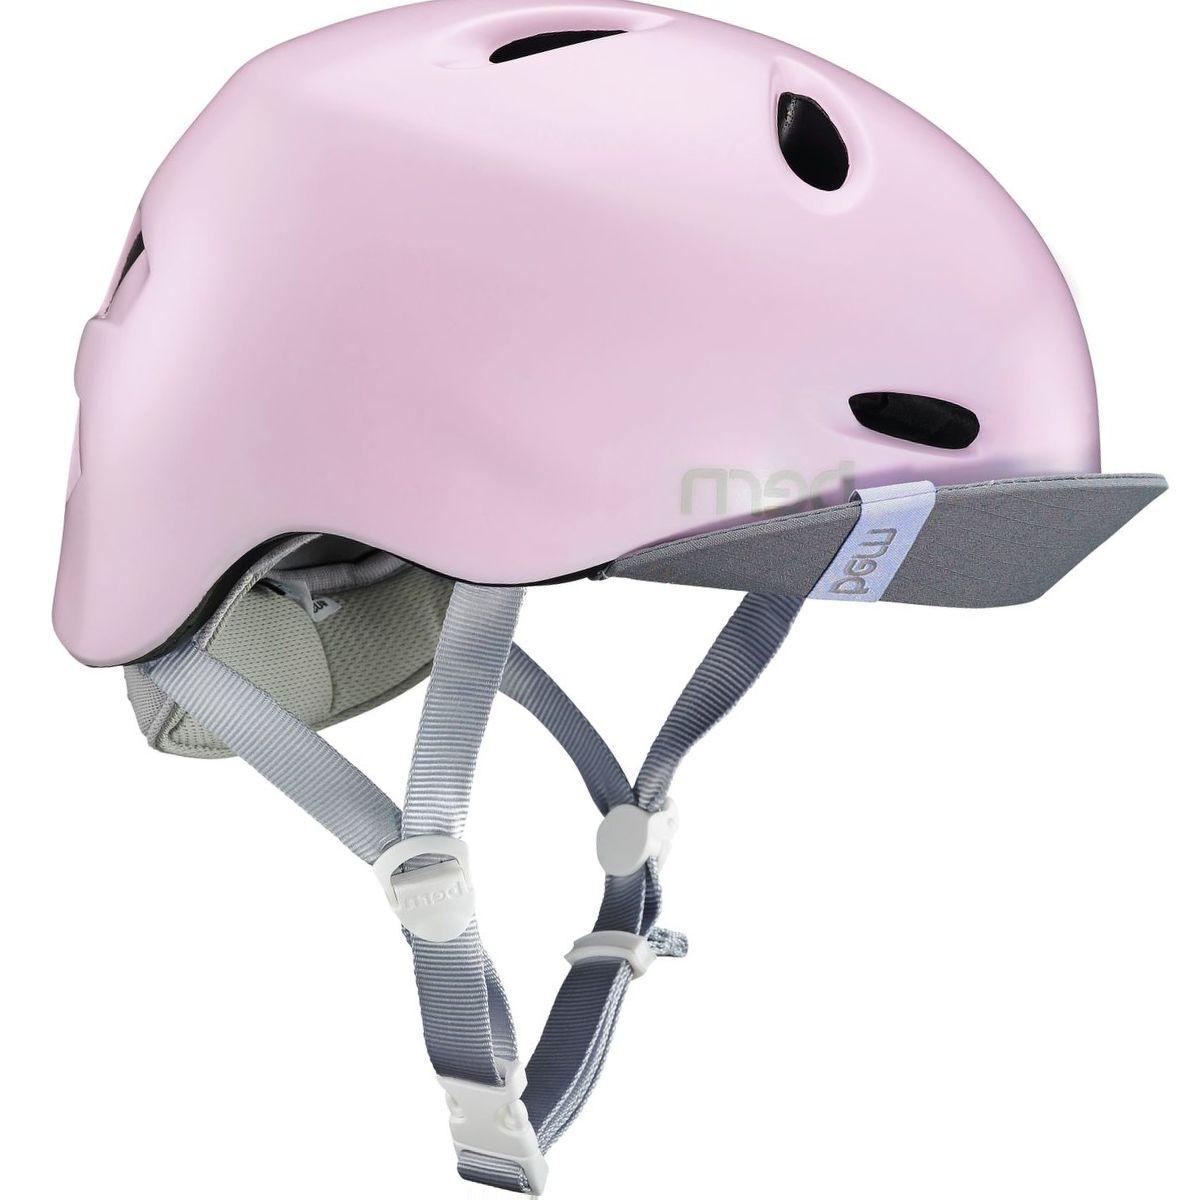 Bern Berkeley Helmet - 2017 - Women's